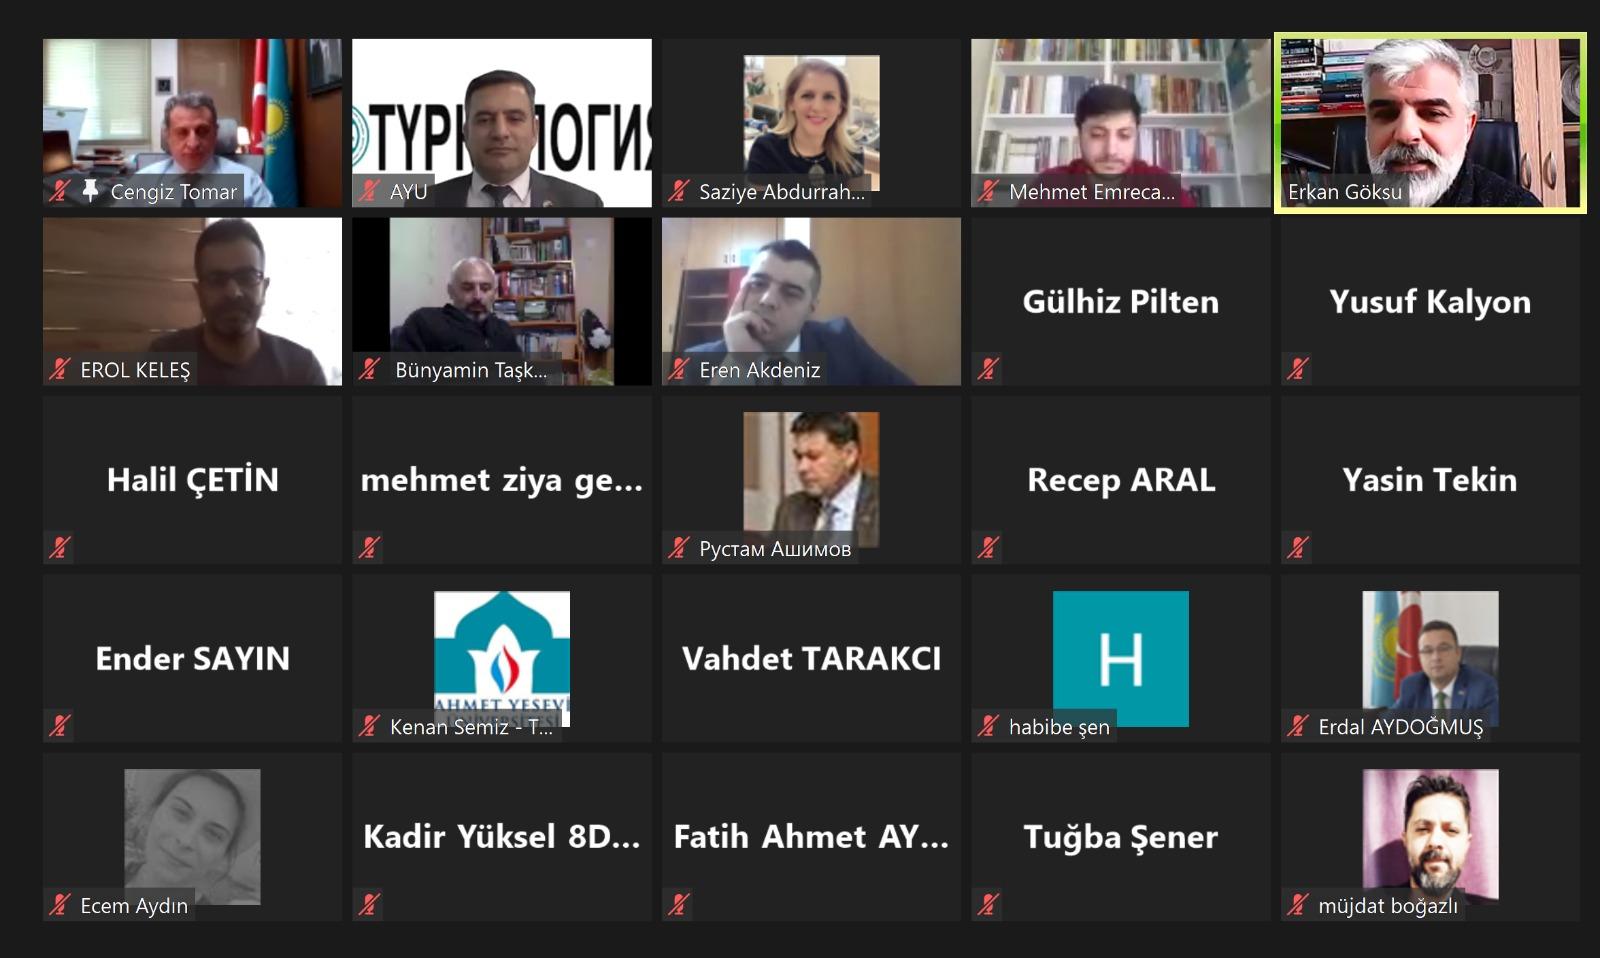 """Ahmet Yesevi Üniversitesinde """"Selçuklular Döneminde Türk Dili ve Kültürü"""" Konulu Konferans"""